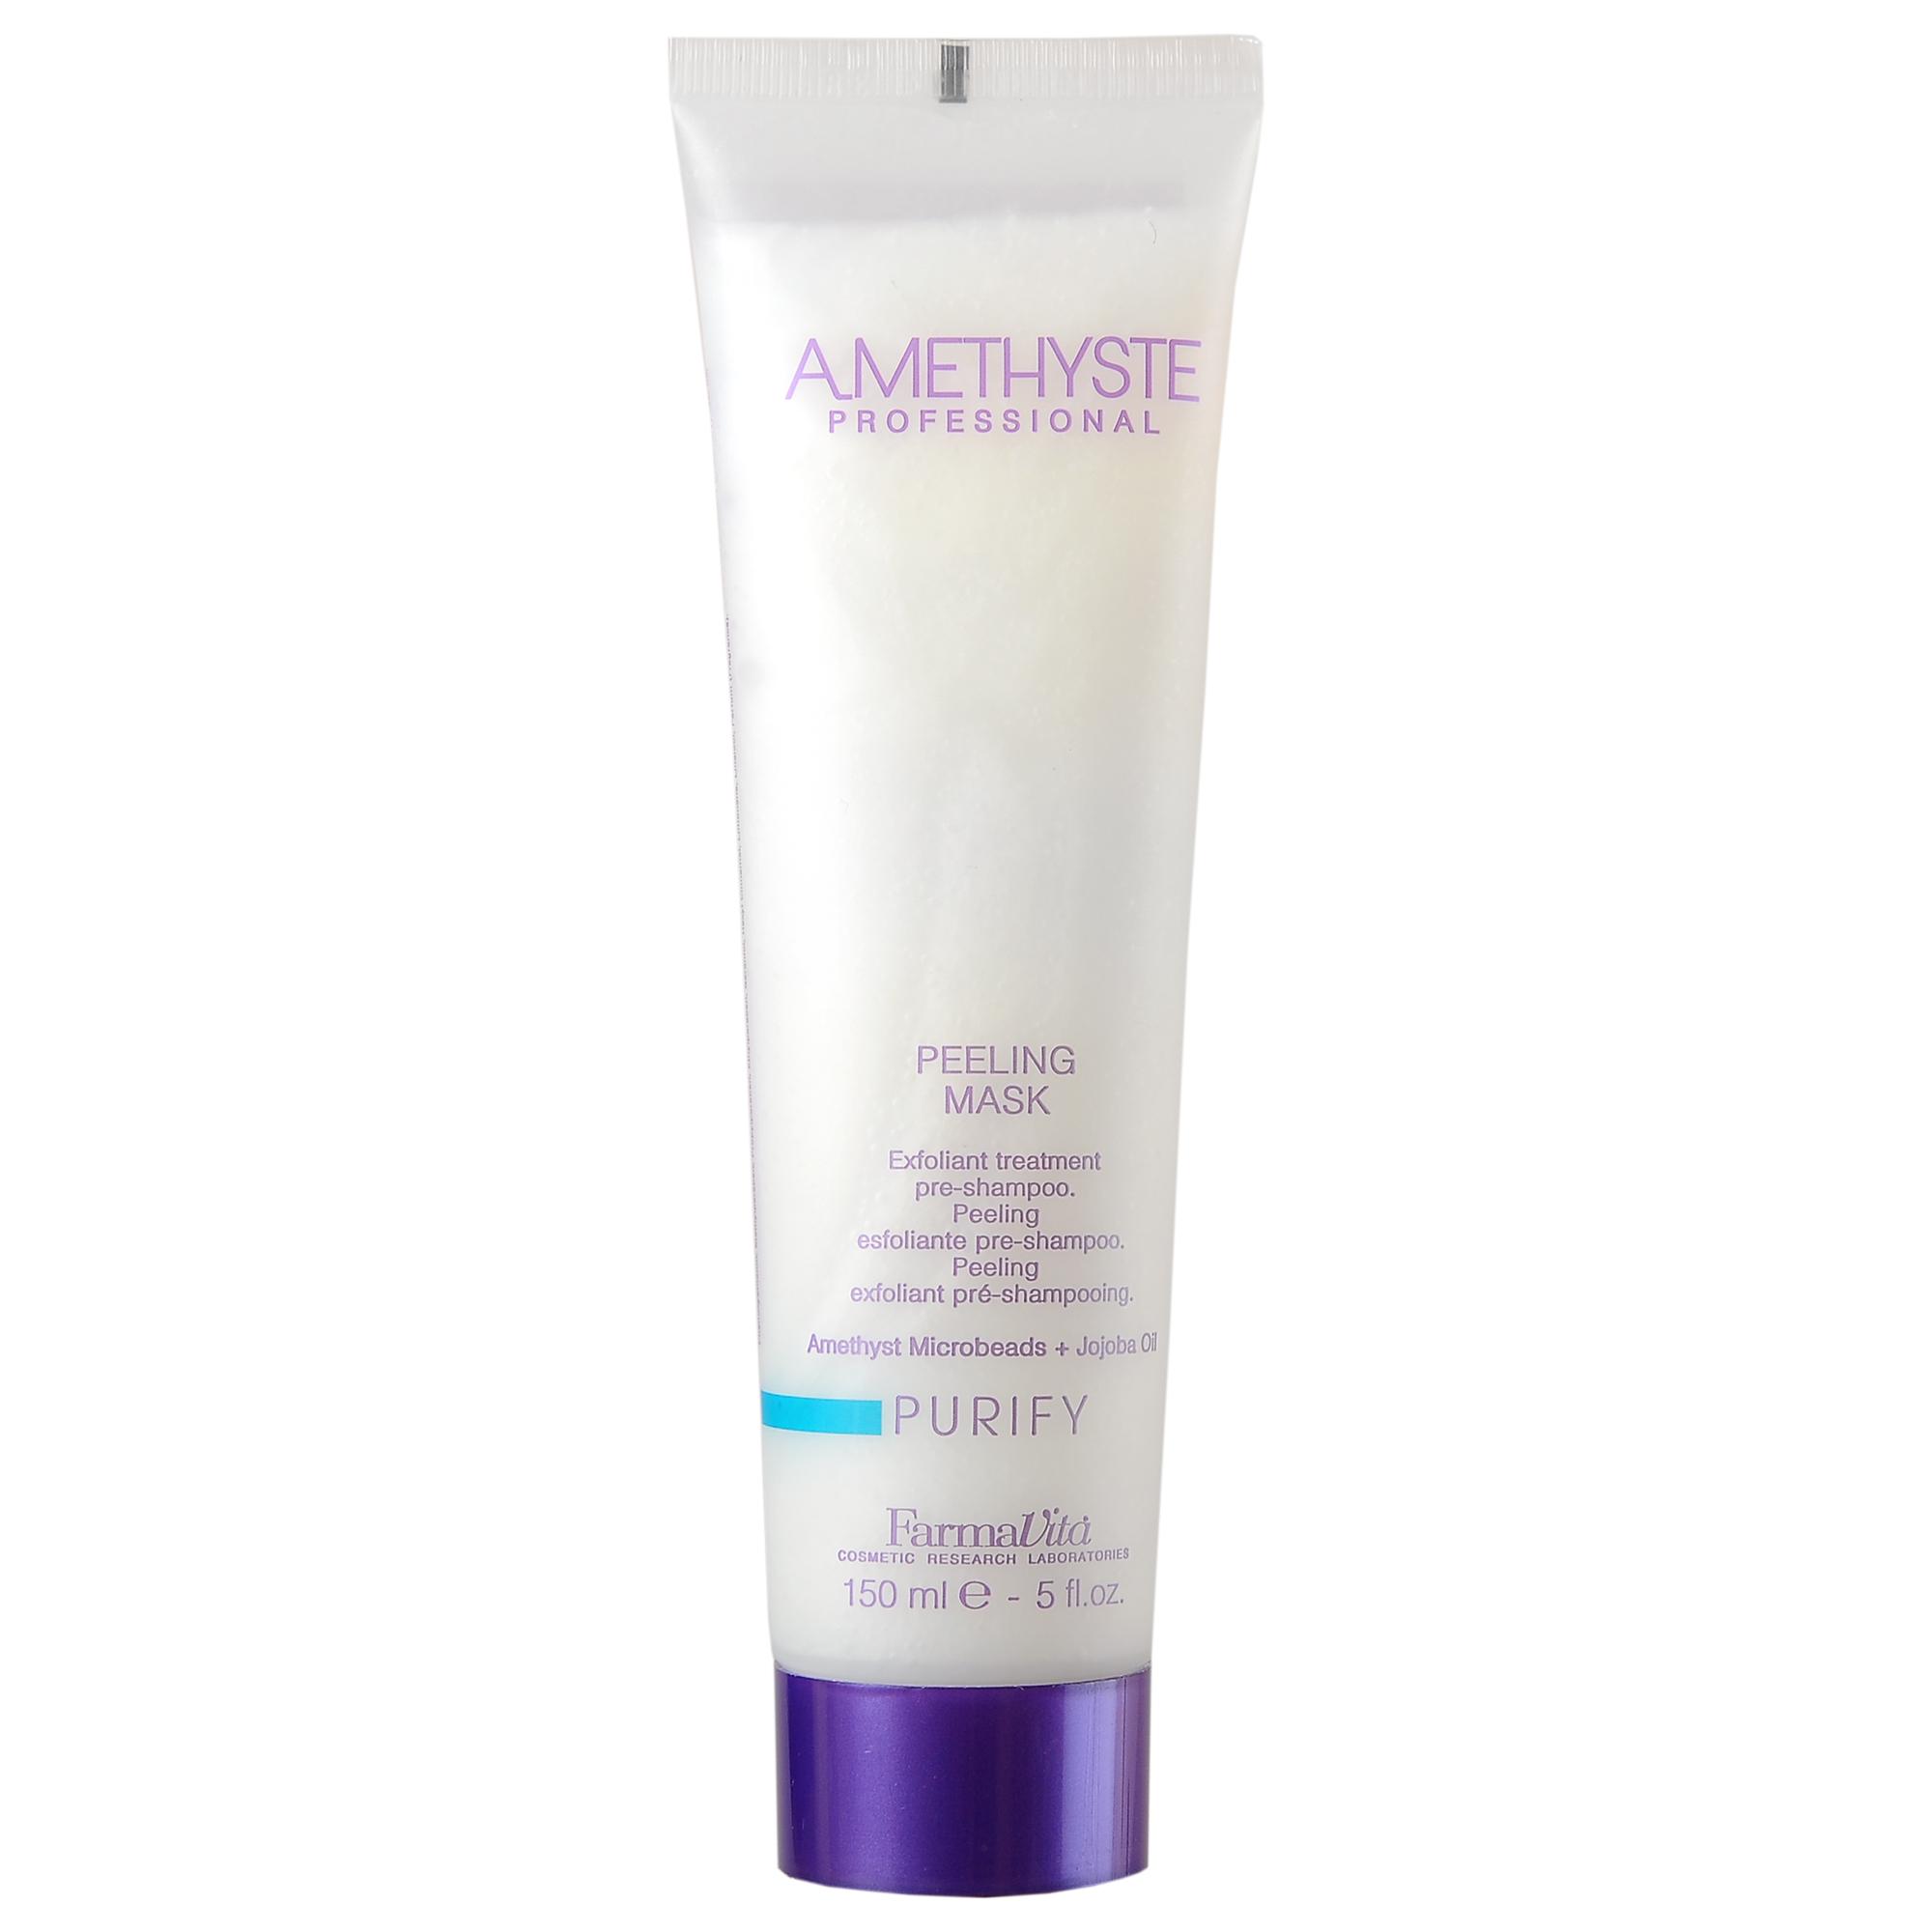 FARMAVITA Пилинг маска / Amethyste purify 150мл